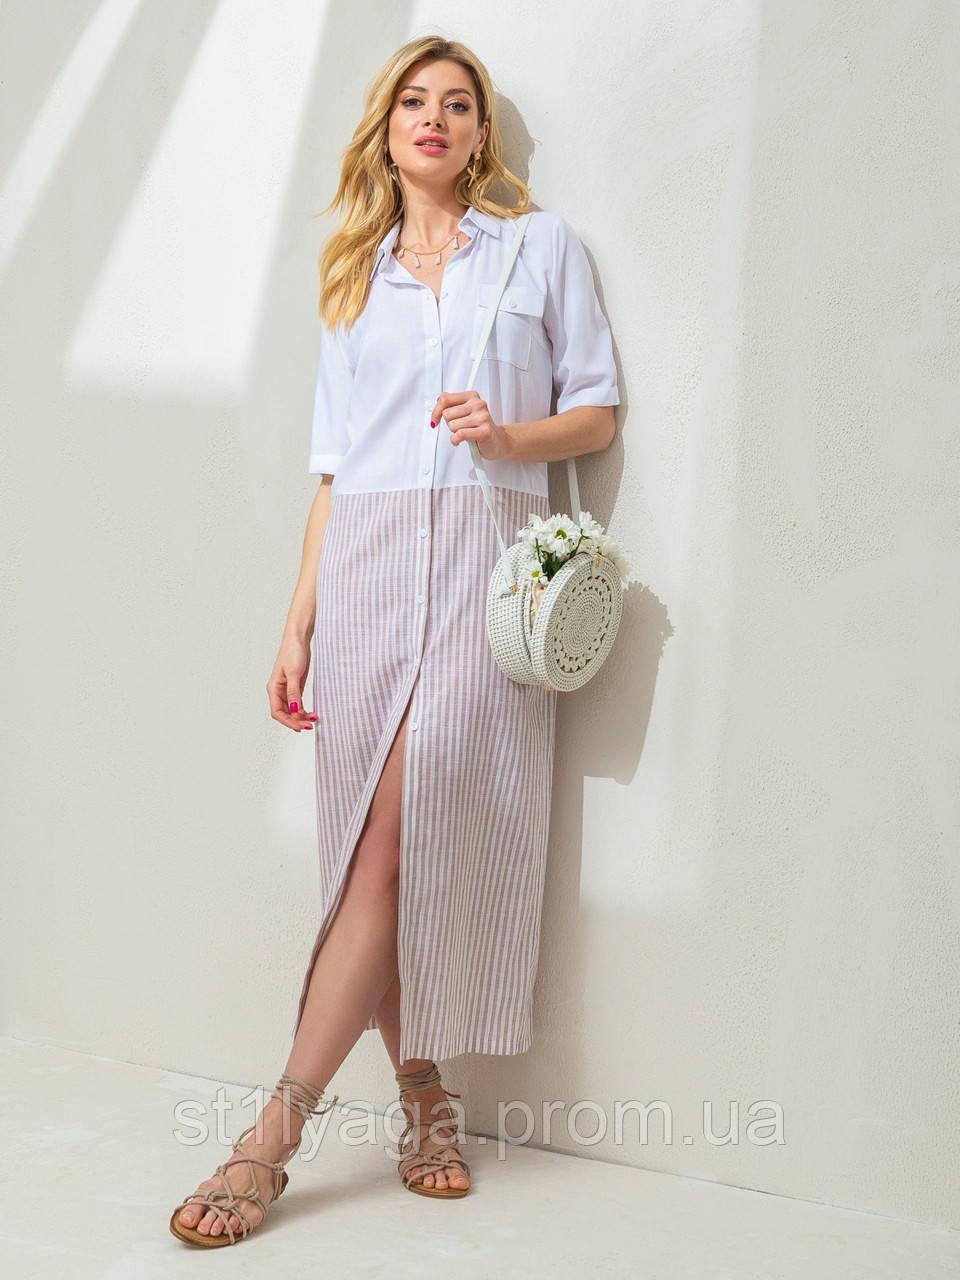 Платье-рубашка свободного кроя длиной миди в полоску